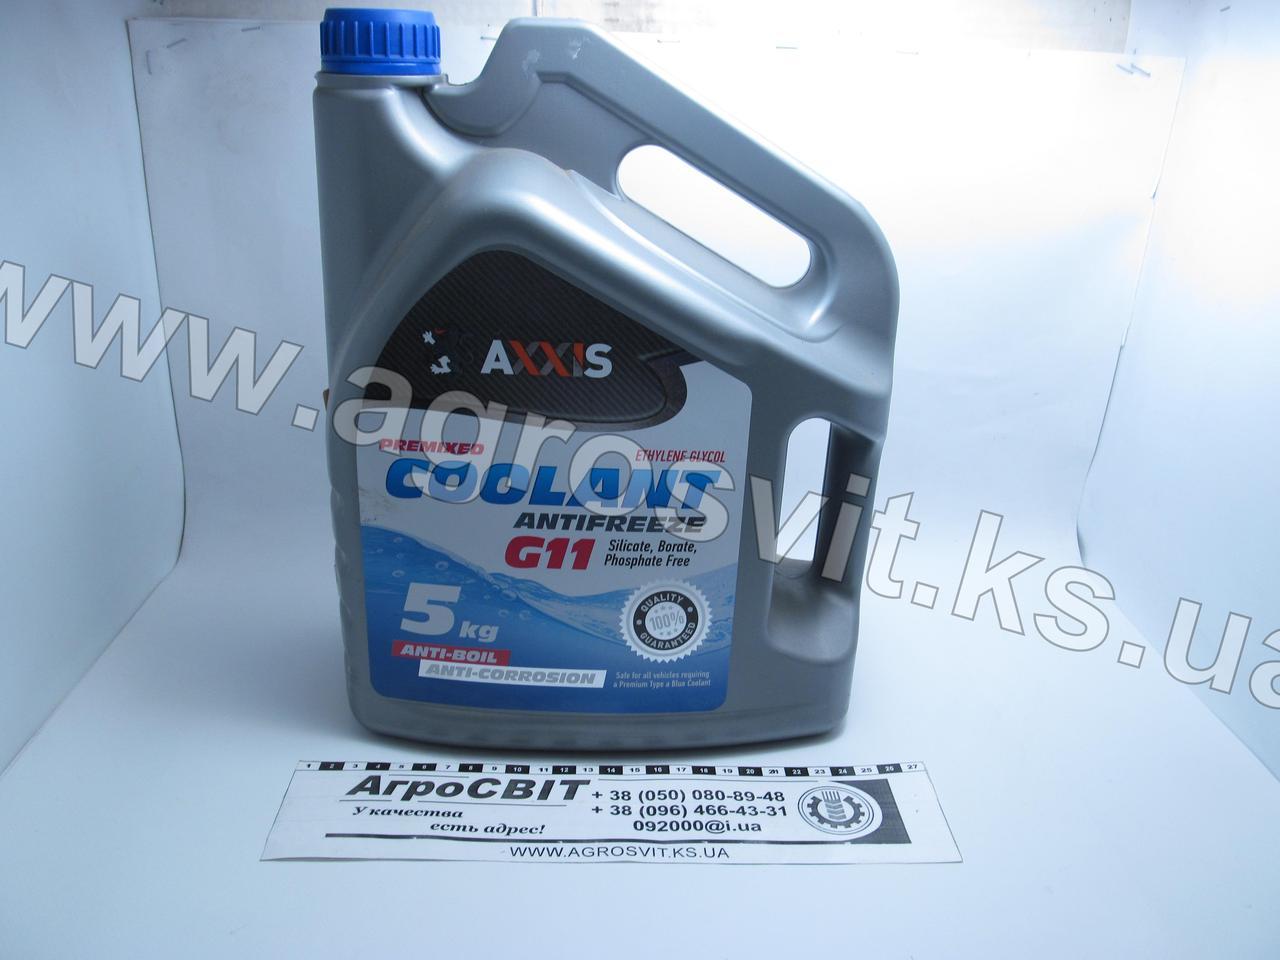 Антифриз (G11, синий) 5 кг.